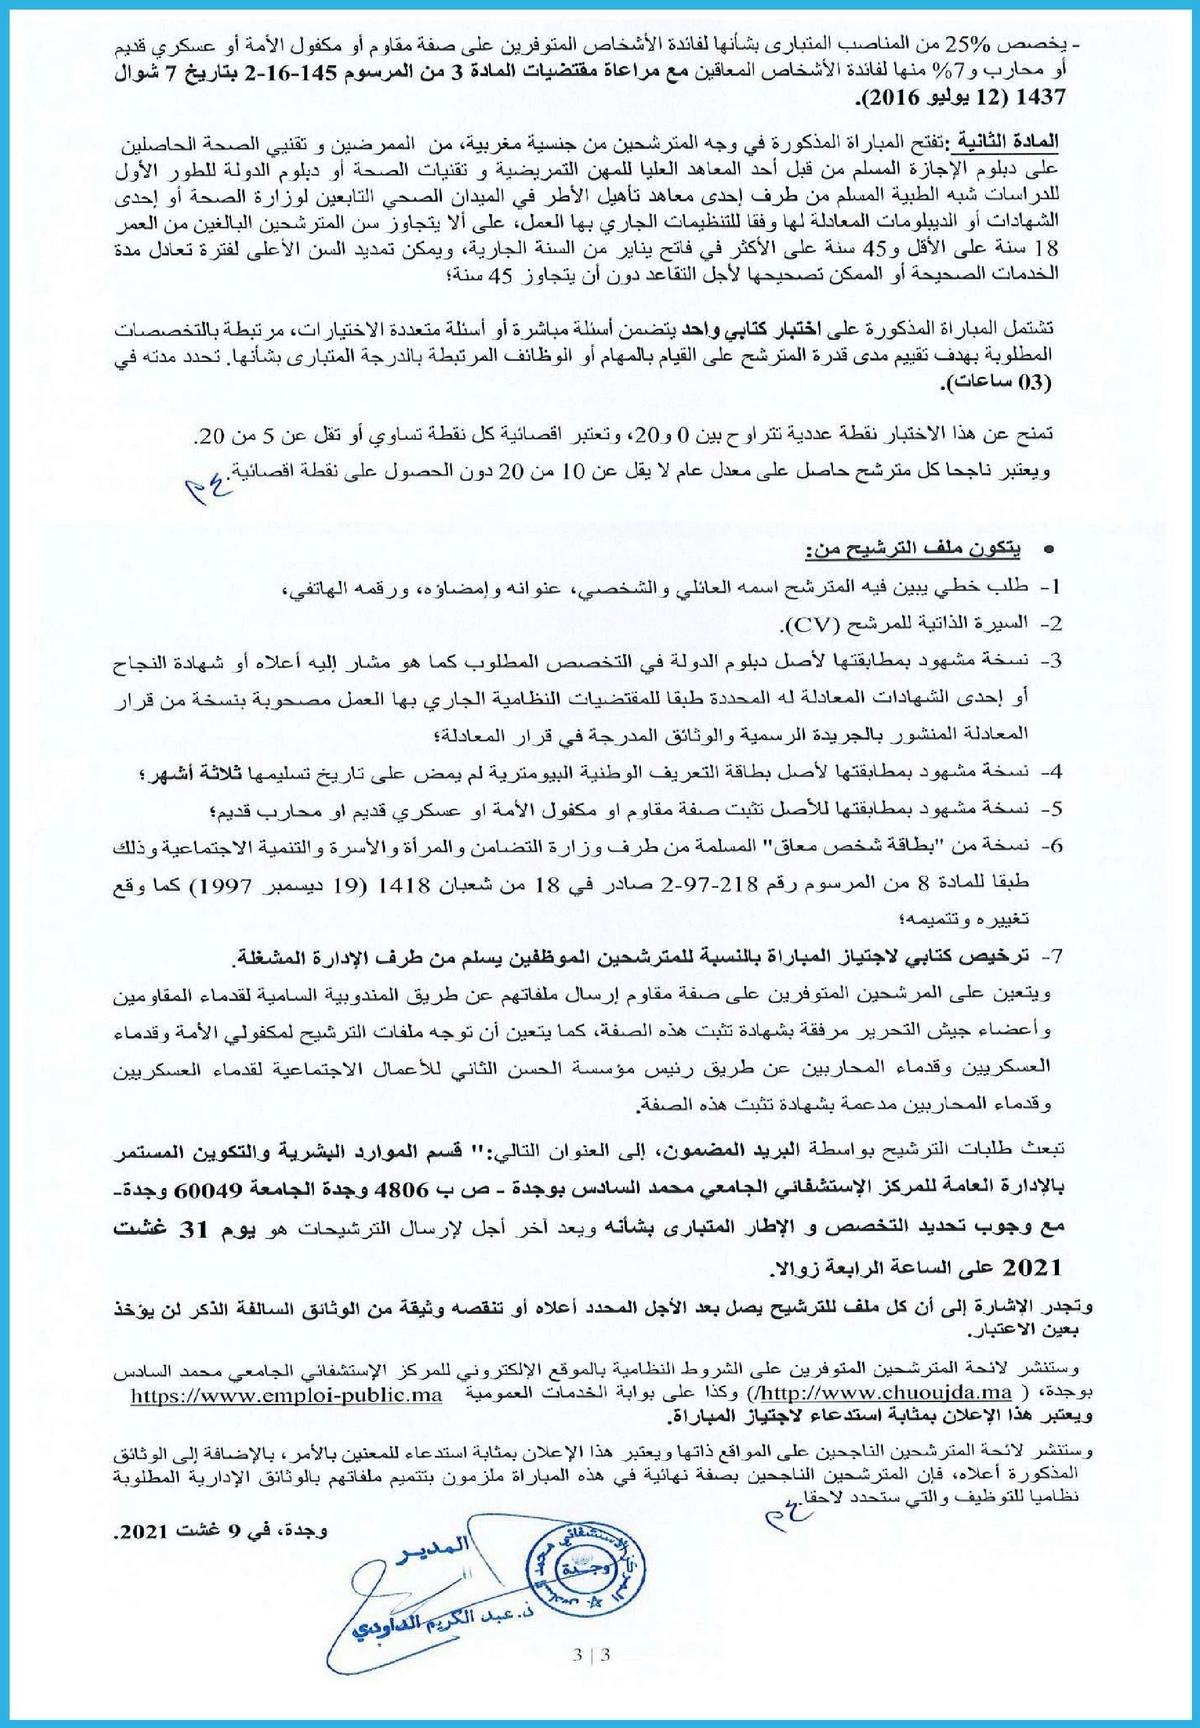 المراكز الاستشفائية الجامعية بالمغرب مباريات توظيف 652 منصب في عدة تخصصات  Chu_m611